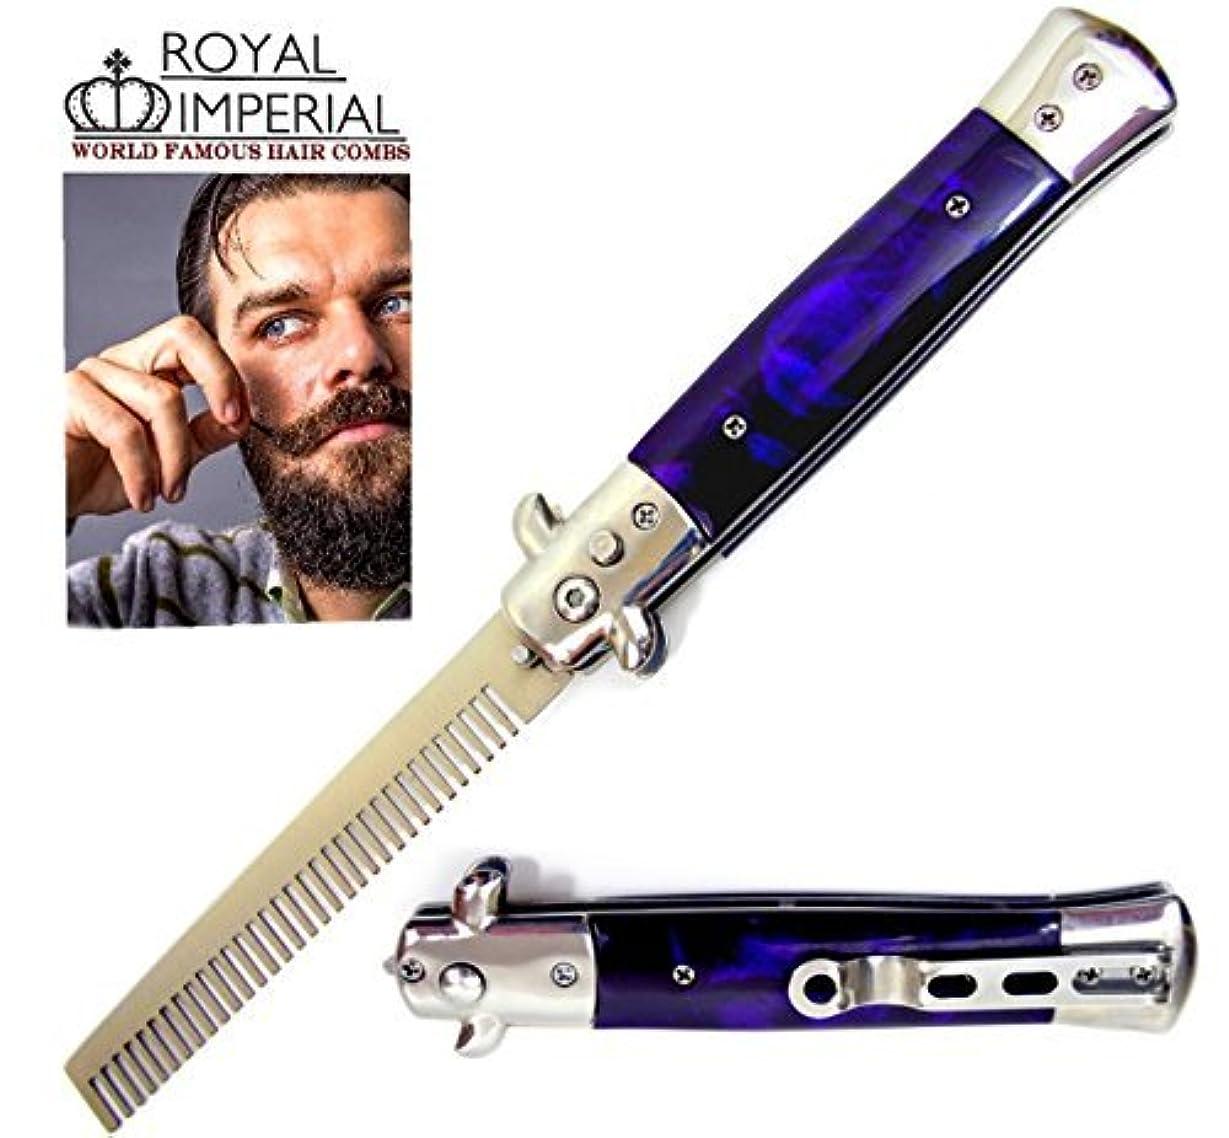 突き刺す老人家族Royal Imperial Metal Switchblade Pocket Folding Flick Hair Comb For Beard, Mustache, Head PURPLE THUNDER Handle...